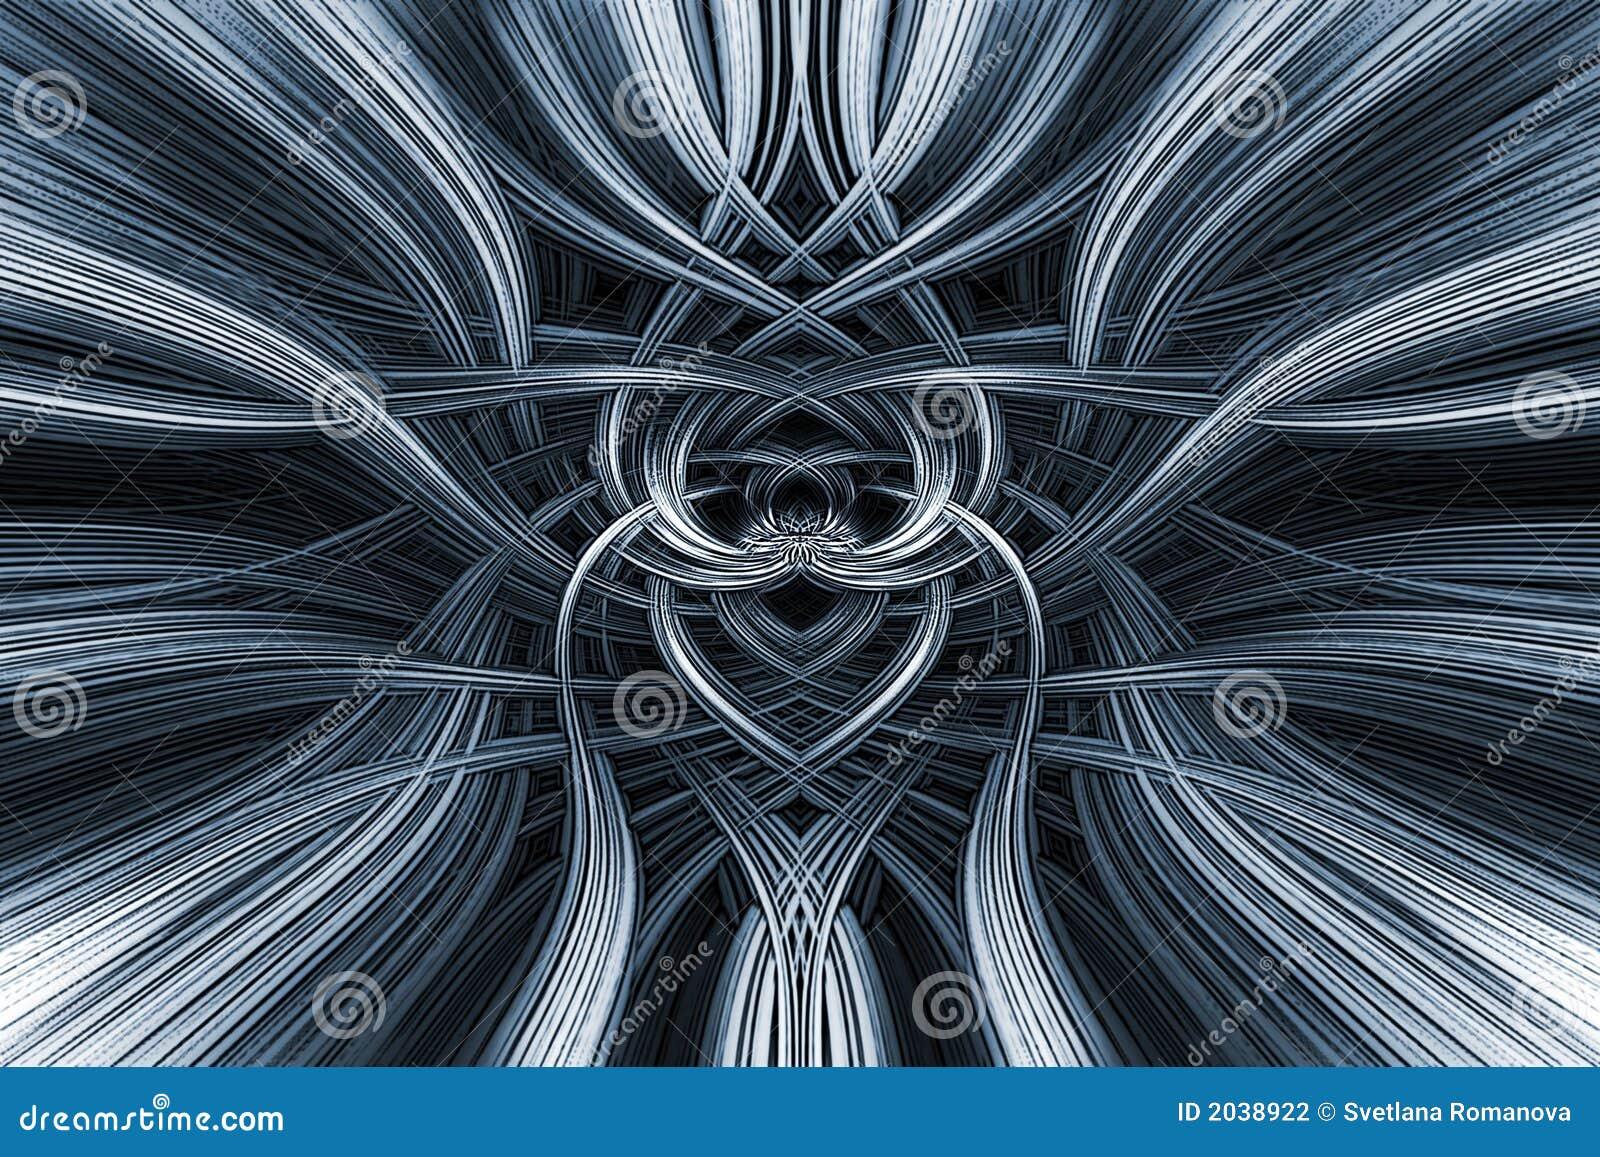 Kunst abstract grafisch behang stock fotografie beeld 2038922 - Grafisch behang ...